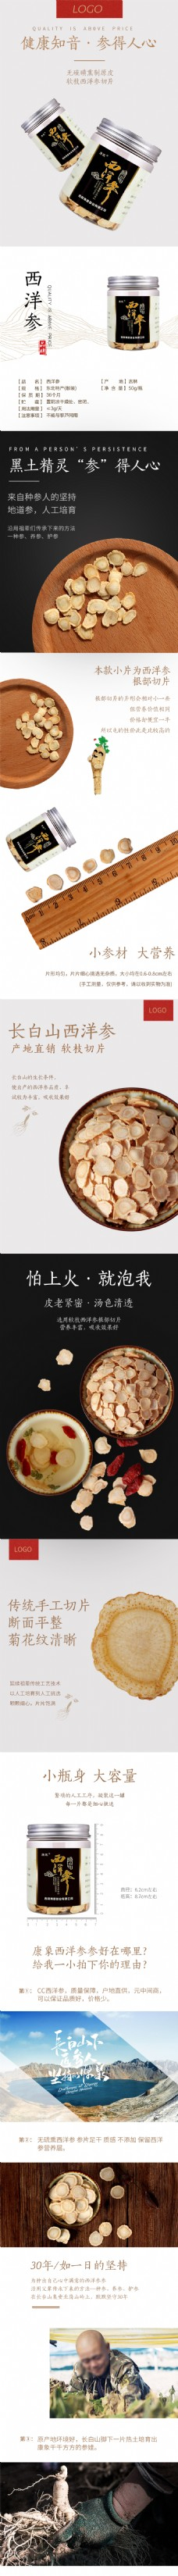 天猫淘宝电商中药材西洋参片人参宝贝详情页